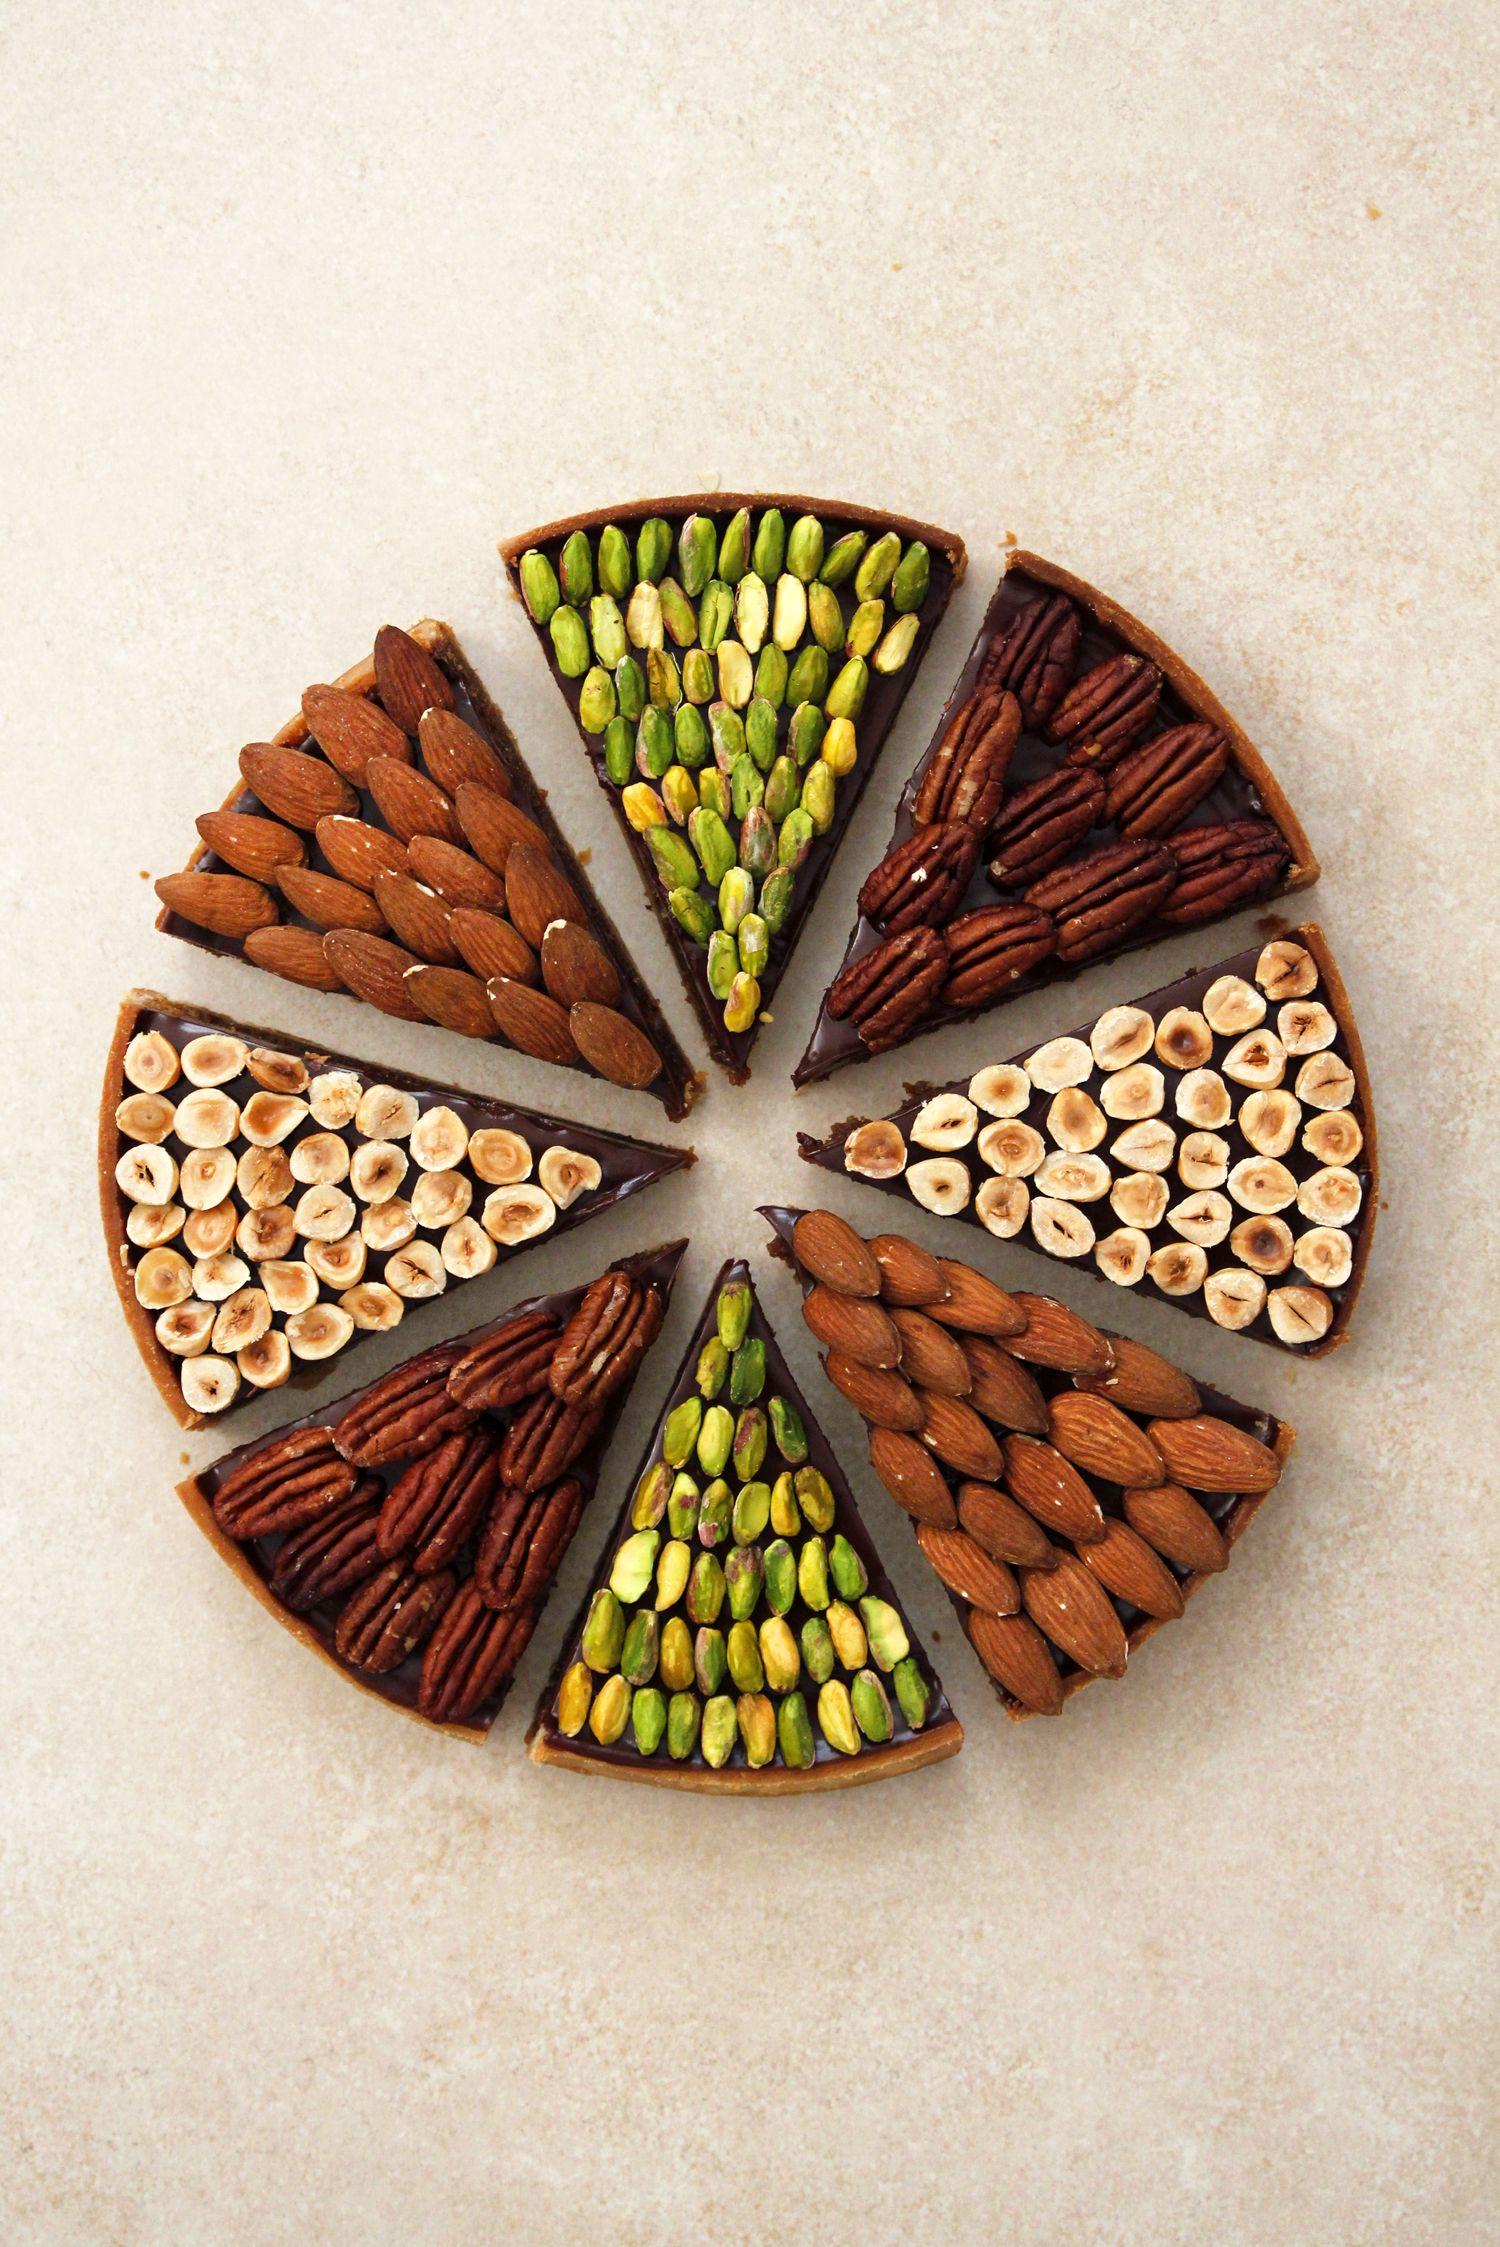 פאי שוקולד ואגוזים בעיצוב מודרני